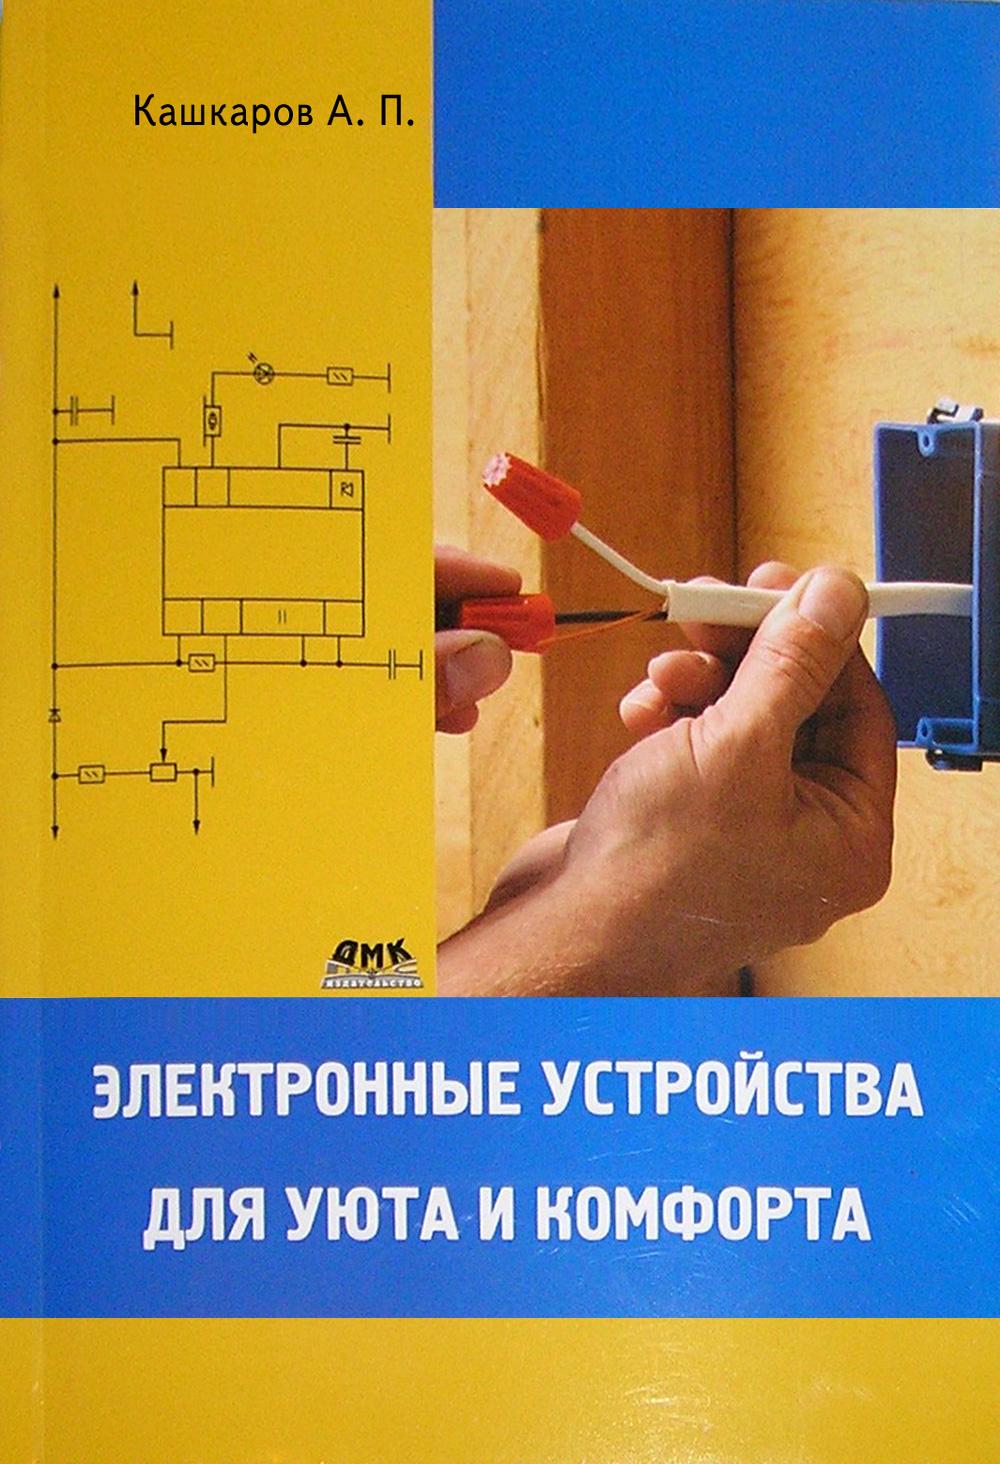 Андрей Кашкаров Электронные устройства для уюта и комфорта